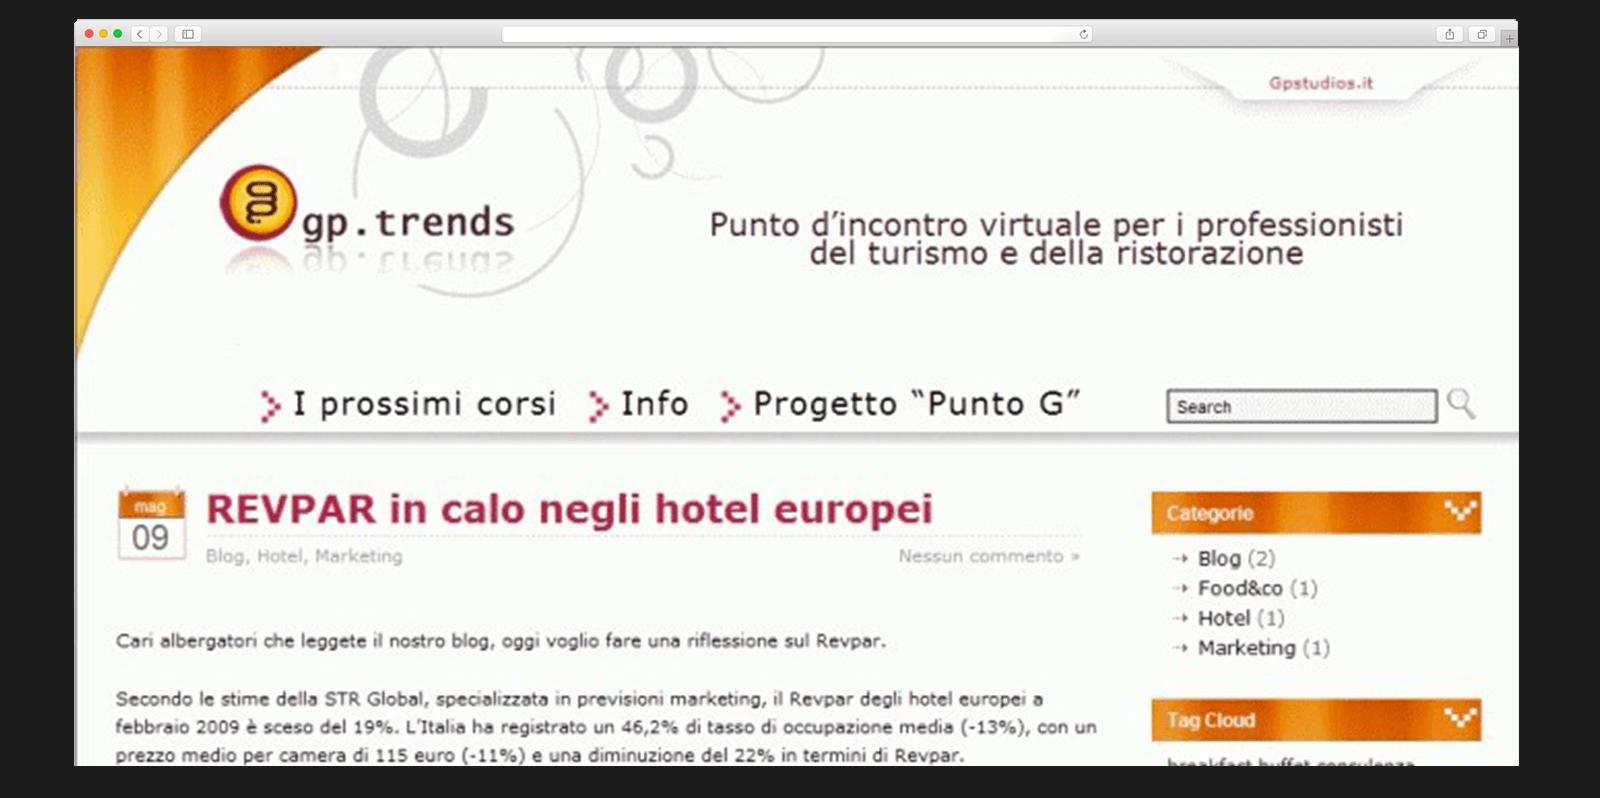 Realizzazione sito web per professionisti del turismo